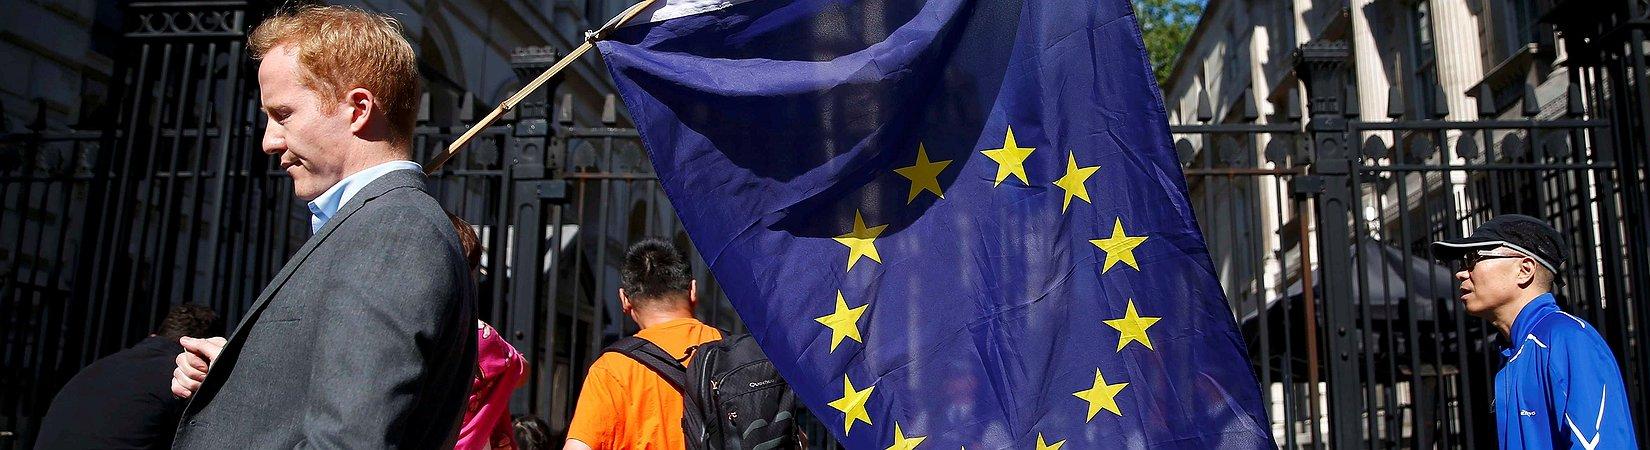 L'Ue destinerà parte di un fondo da 30 miliardi di euro allo sviluppo della blockchain